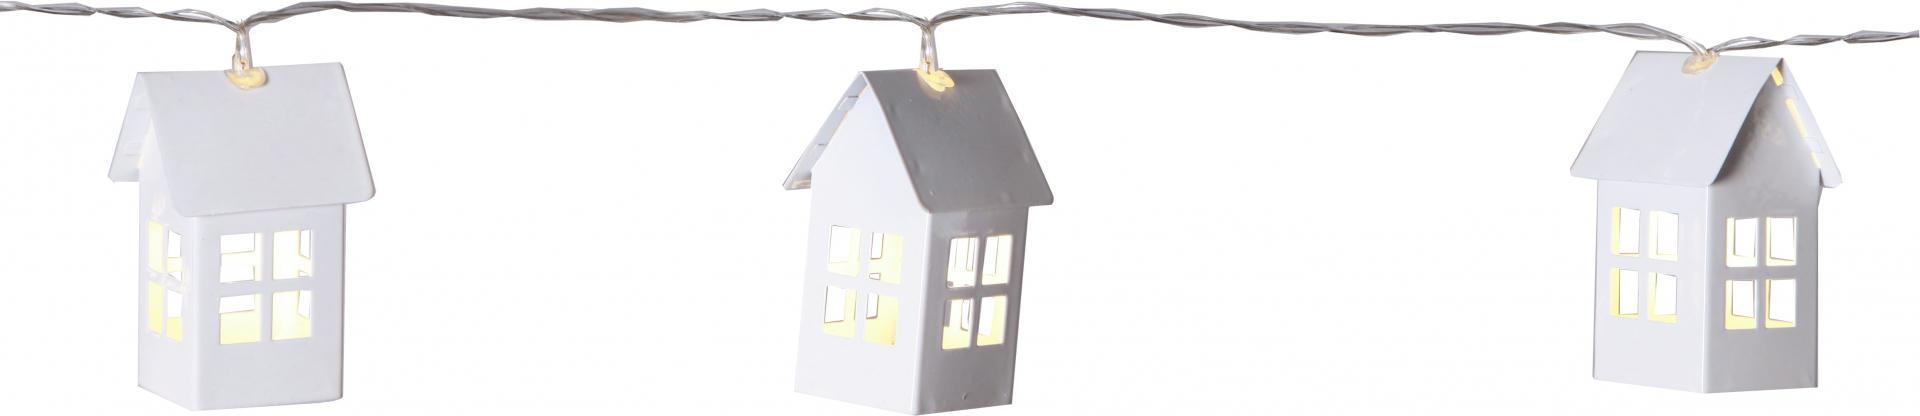 STAR TRADING Světelný LED řetěz s domečky Tin House, bílá barva, kov, plast